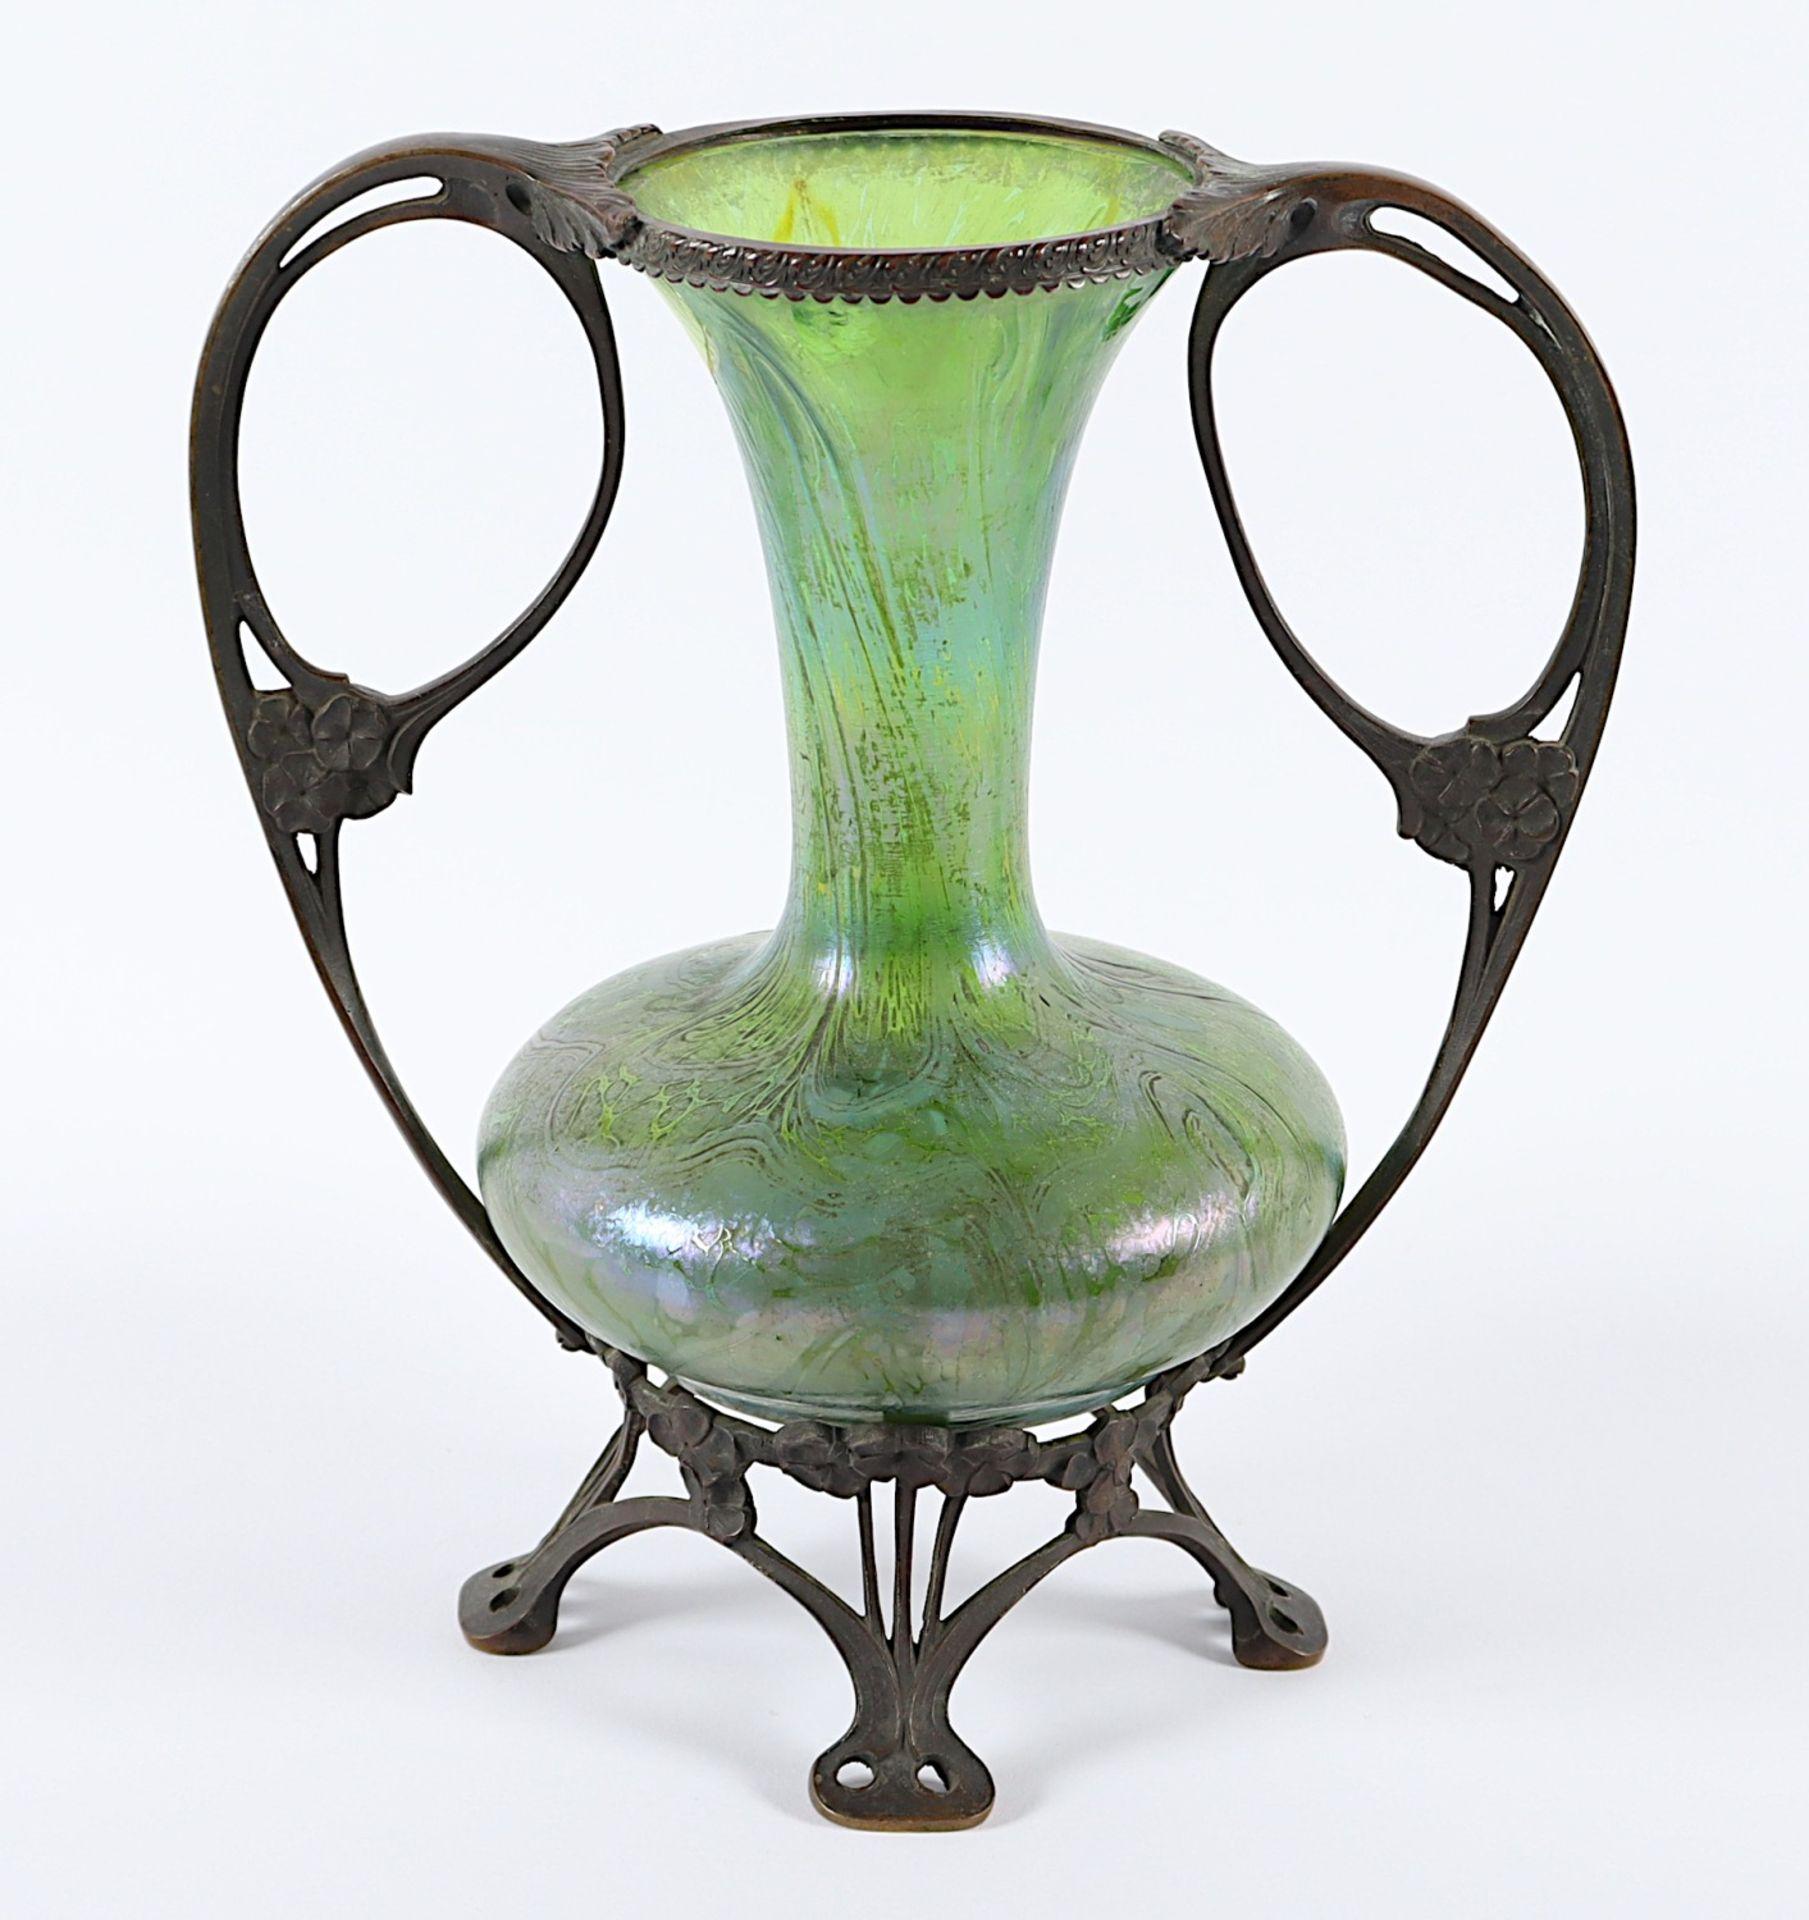 JUGENDSTILVASE, grün getöntes Glas, - Image 2 of 2